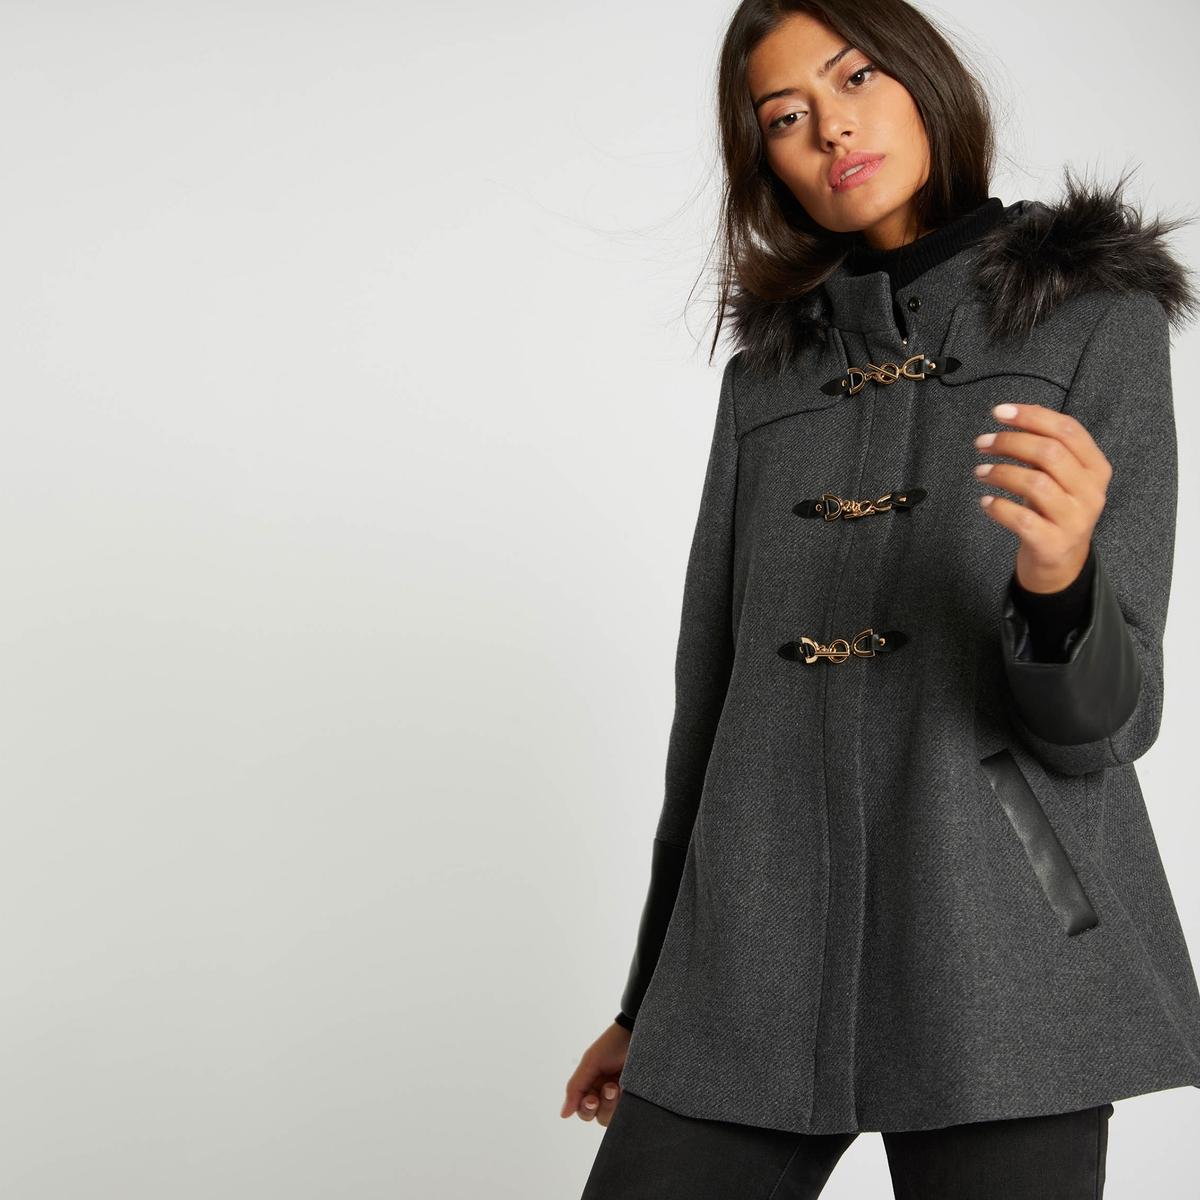 Пальто La Redoute Средней длины из двух материалов с капюшоном на меху 42 (FR) - 48 (RUS) серый цены